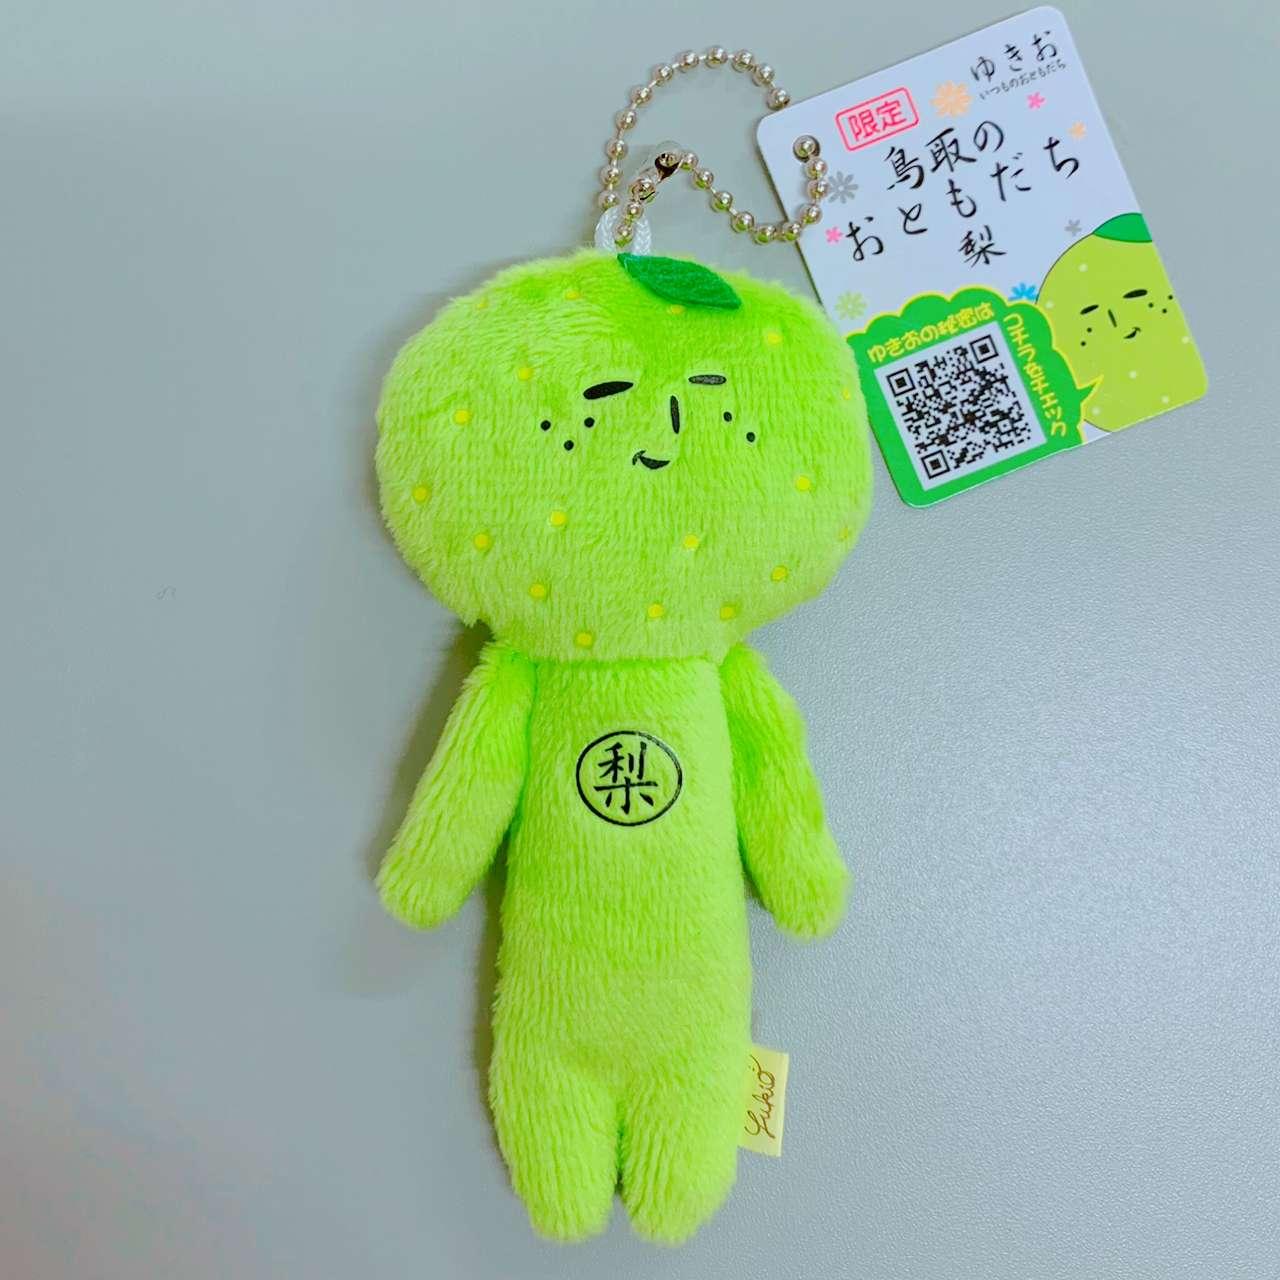 【鳥取限定】ゆきおシリーズ・梨